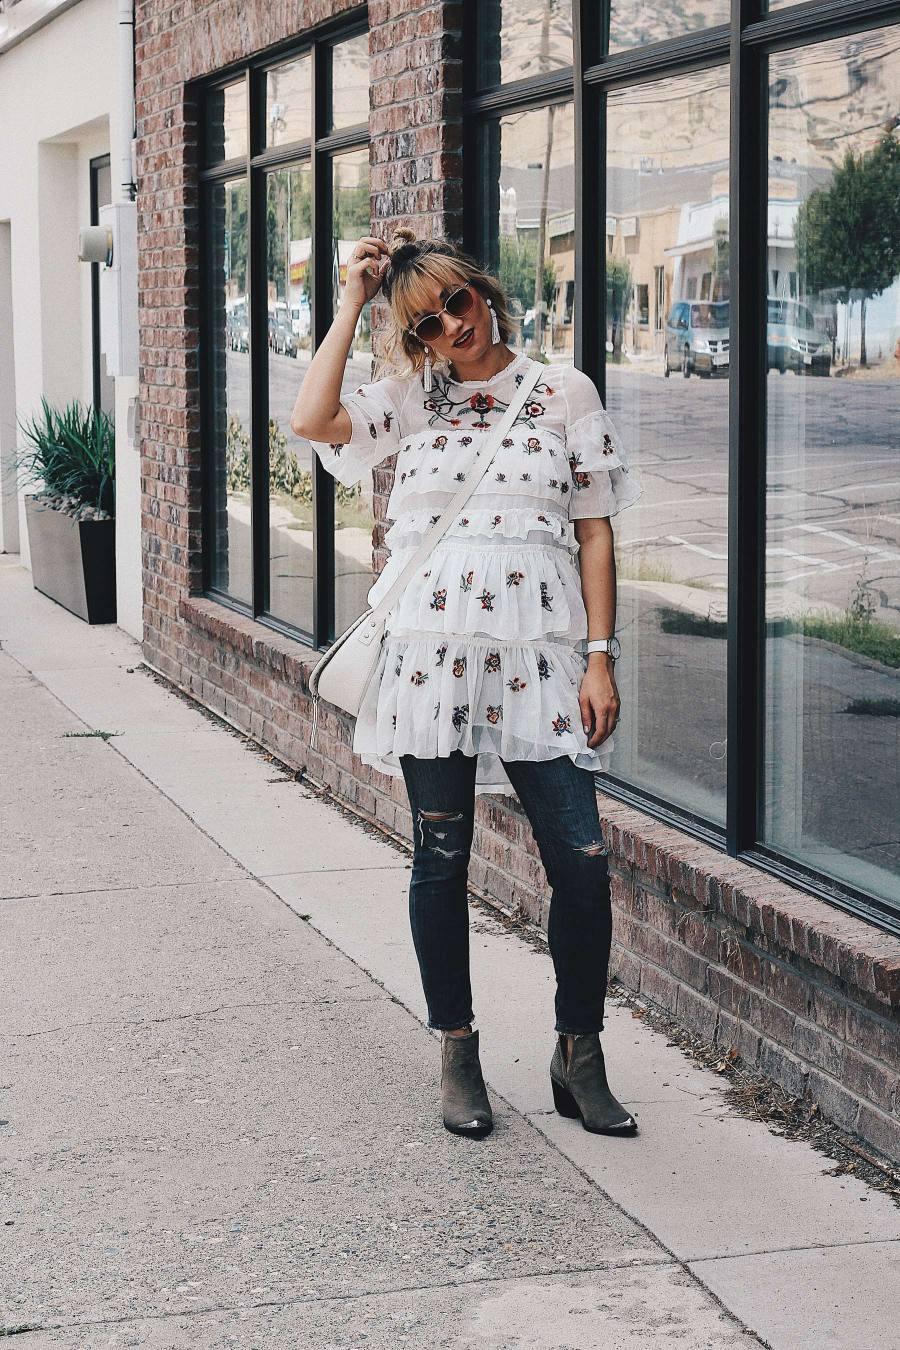 fall eyeglasses street fashion